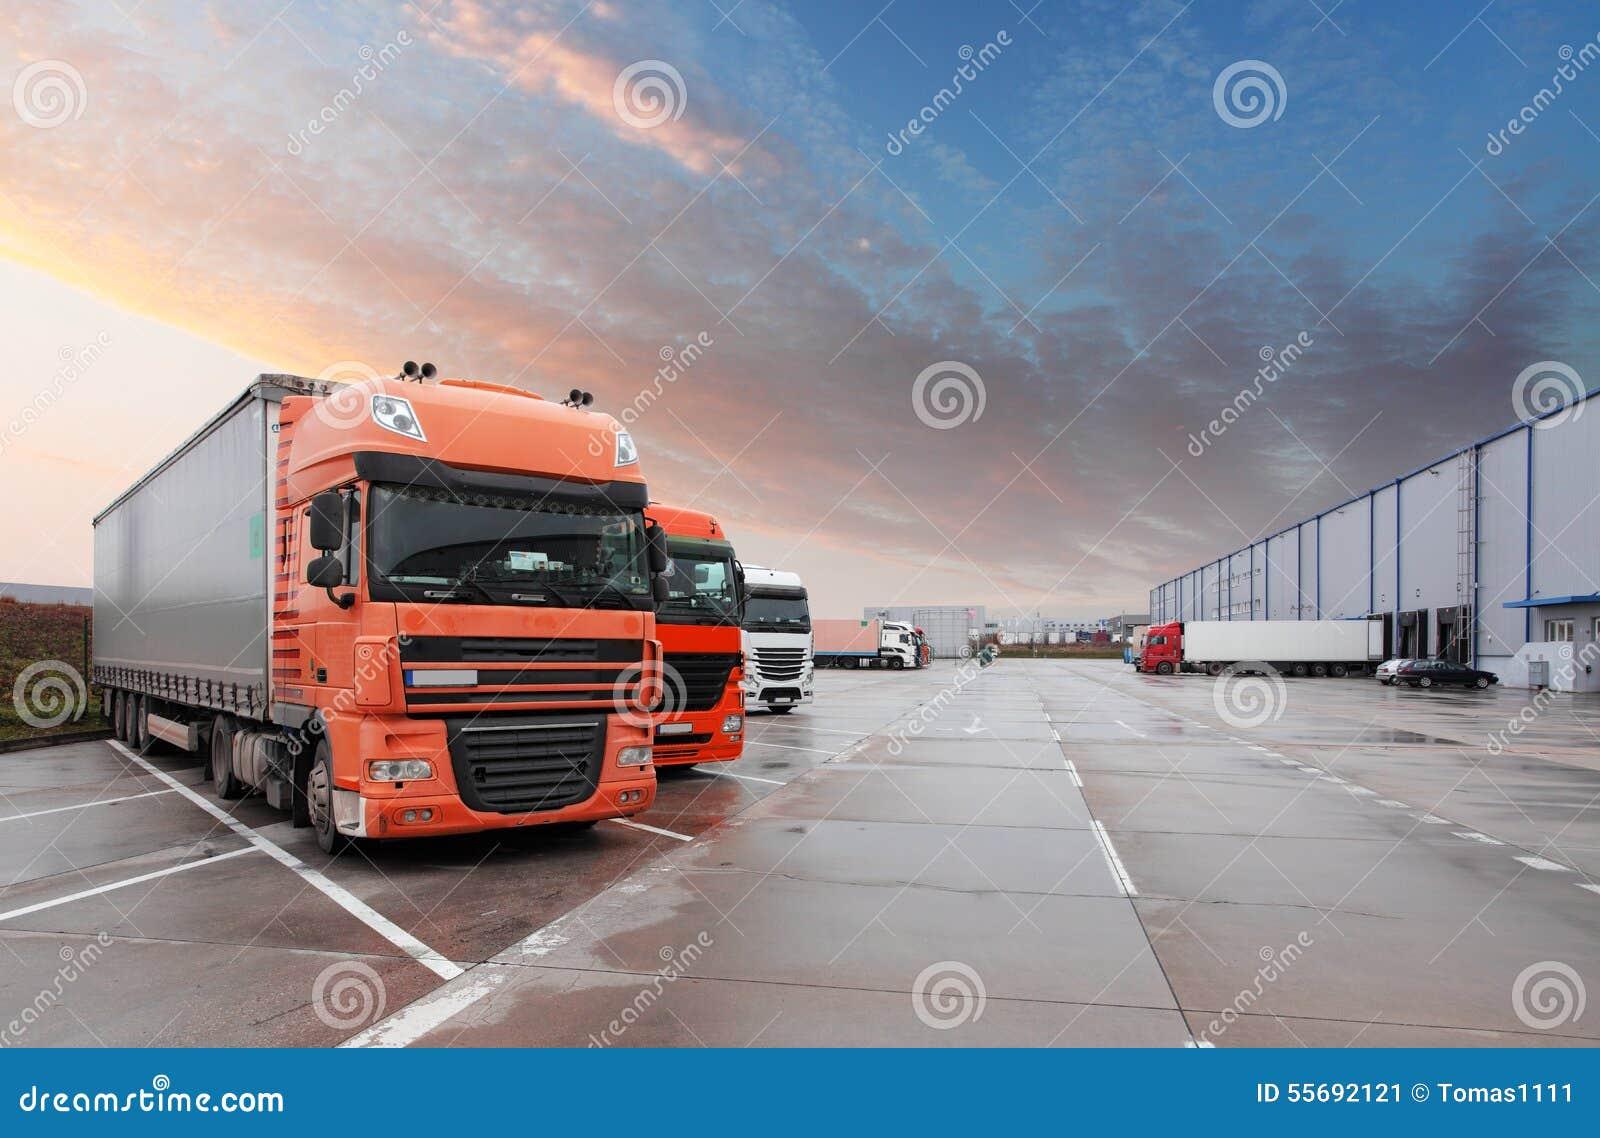 Φορτηγό στην αποθήκη εμπορευμάτων - μεταφορά φορτίου